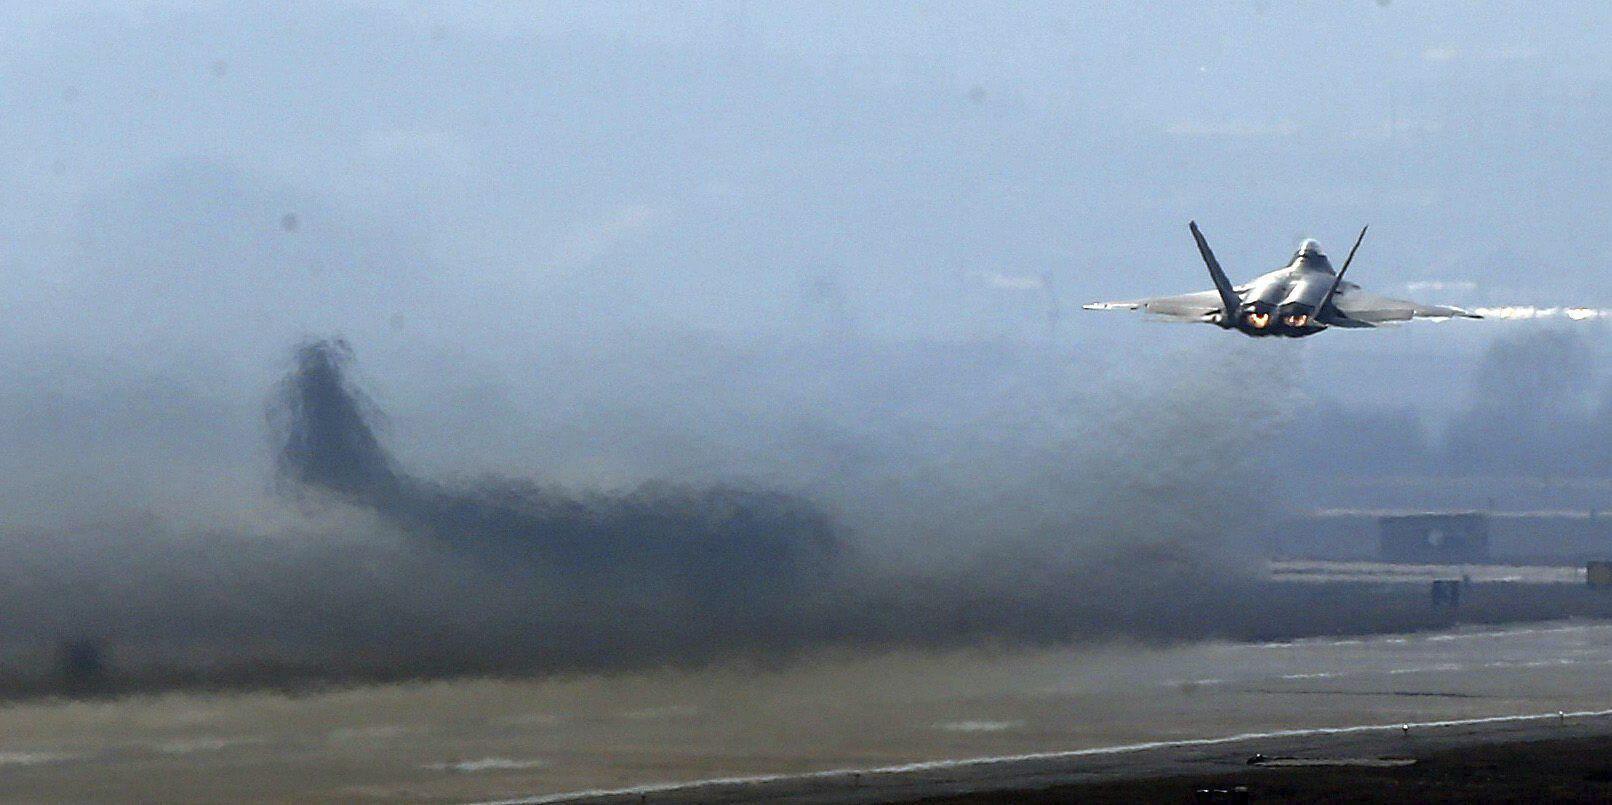 Un avión de combate F-22 Raptor de la Fuerza Aérea estadounidense despega de la base aérea de Osan, en el sur de Seúl. Foto EFE